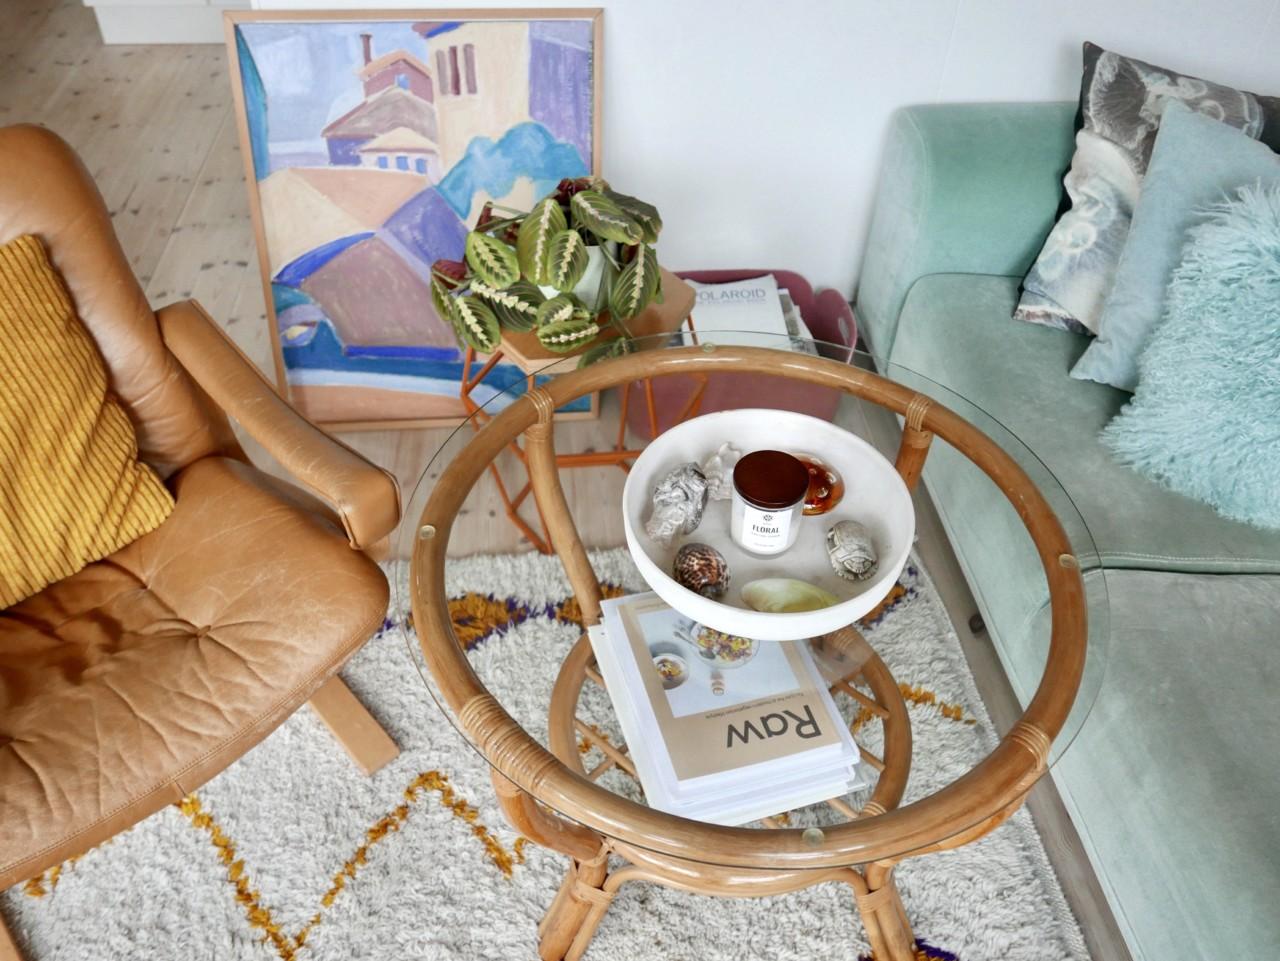 greenhouse-stue-bambus-bord-brukt-skinnstol-maleri-velur-sofa